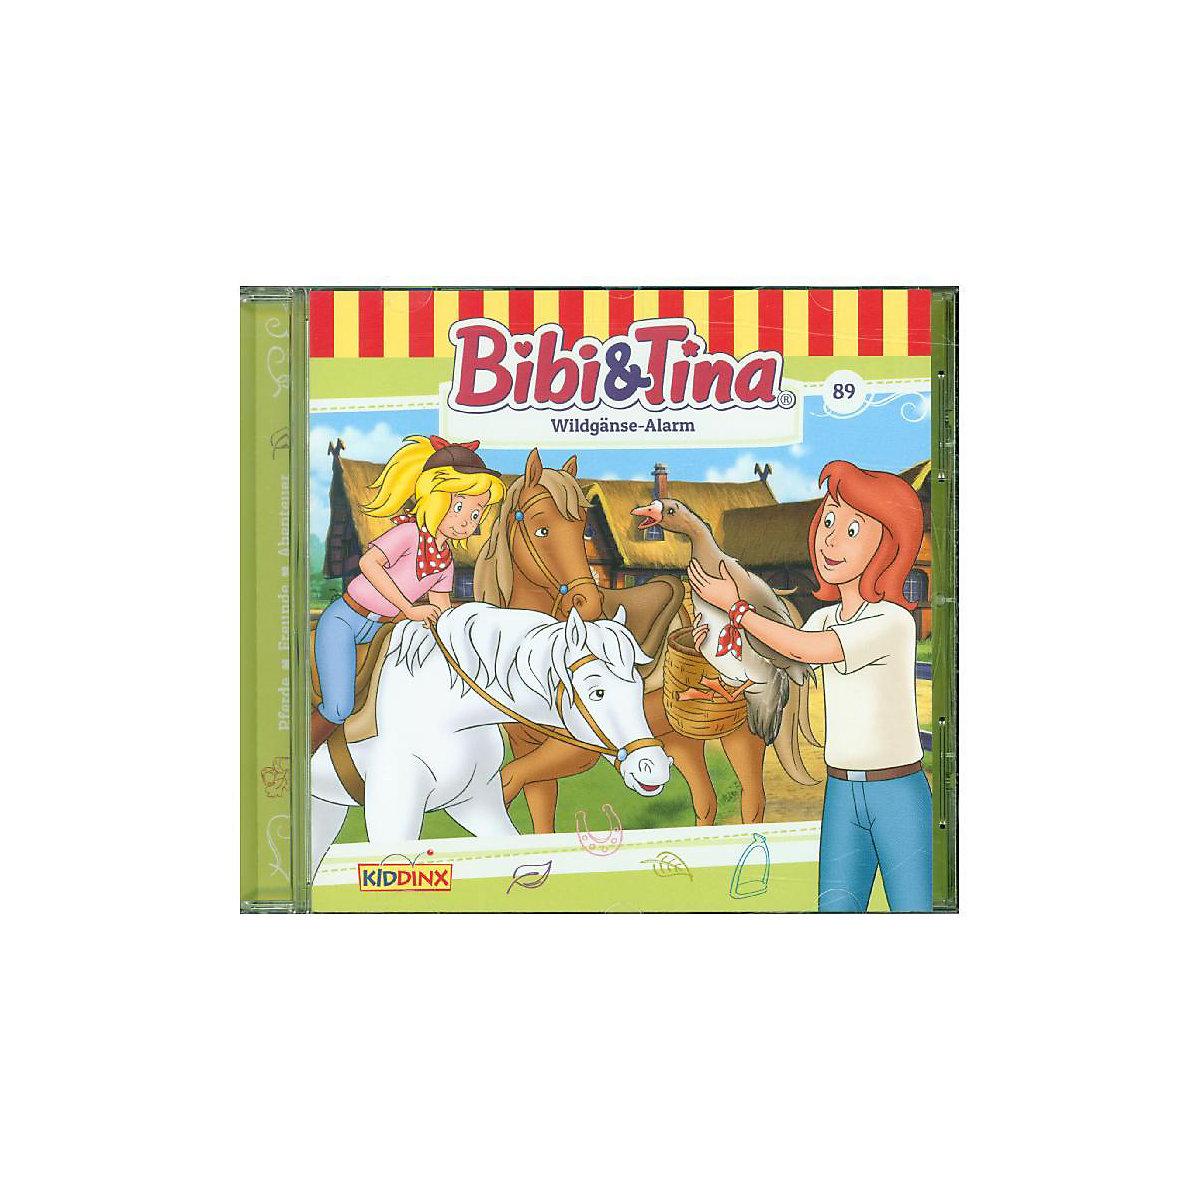 cd bibi und tina 89  wildgänsealarm bibi und tina  mytoys